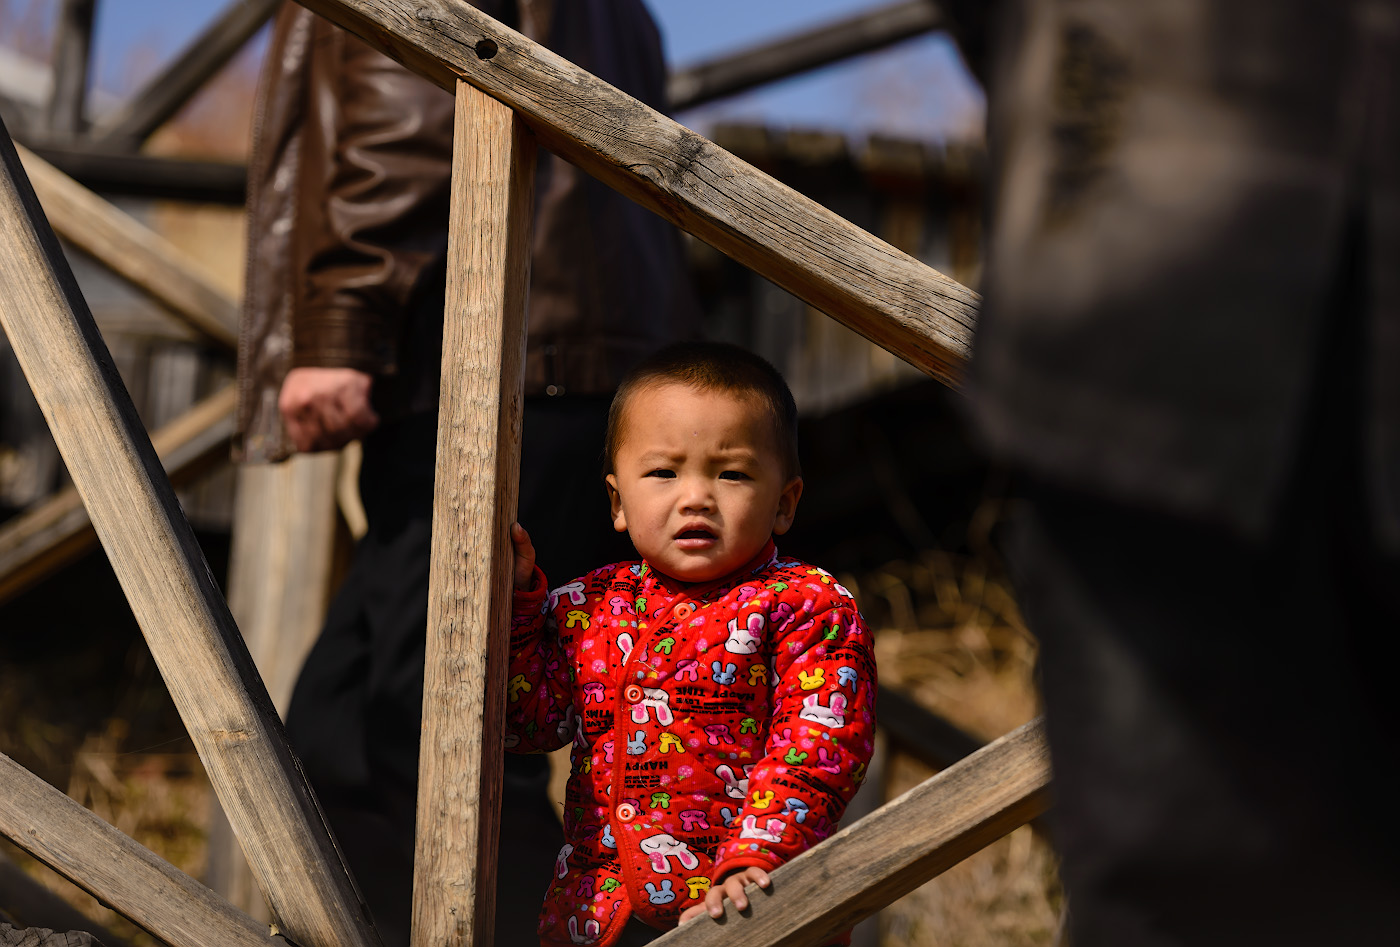 Фото 12. Юный китайский турист приобщается к походам выходного дня. Отзывы об экскурсиях к озеру Тяньчи из Урумчи. 1/640, -0.33, 2.8, 100, 140.